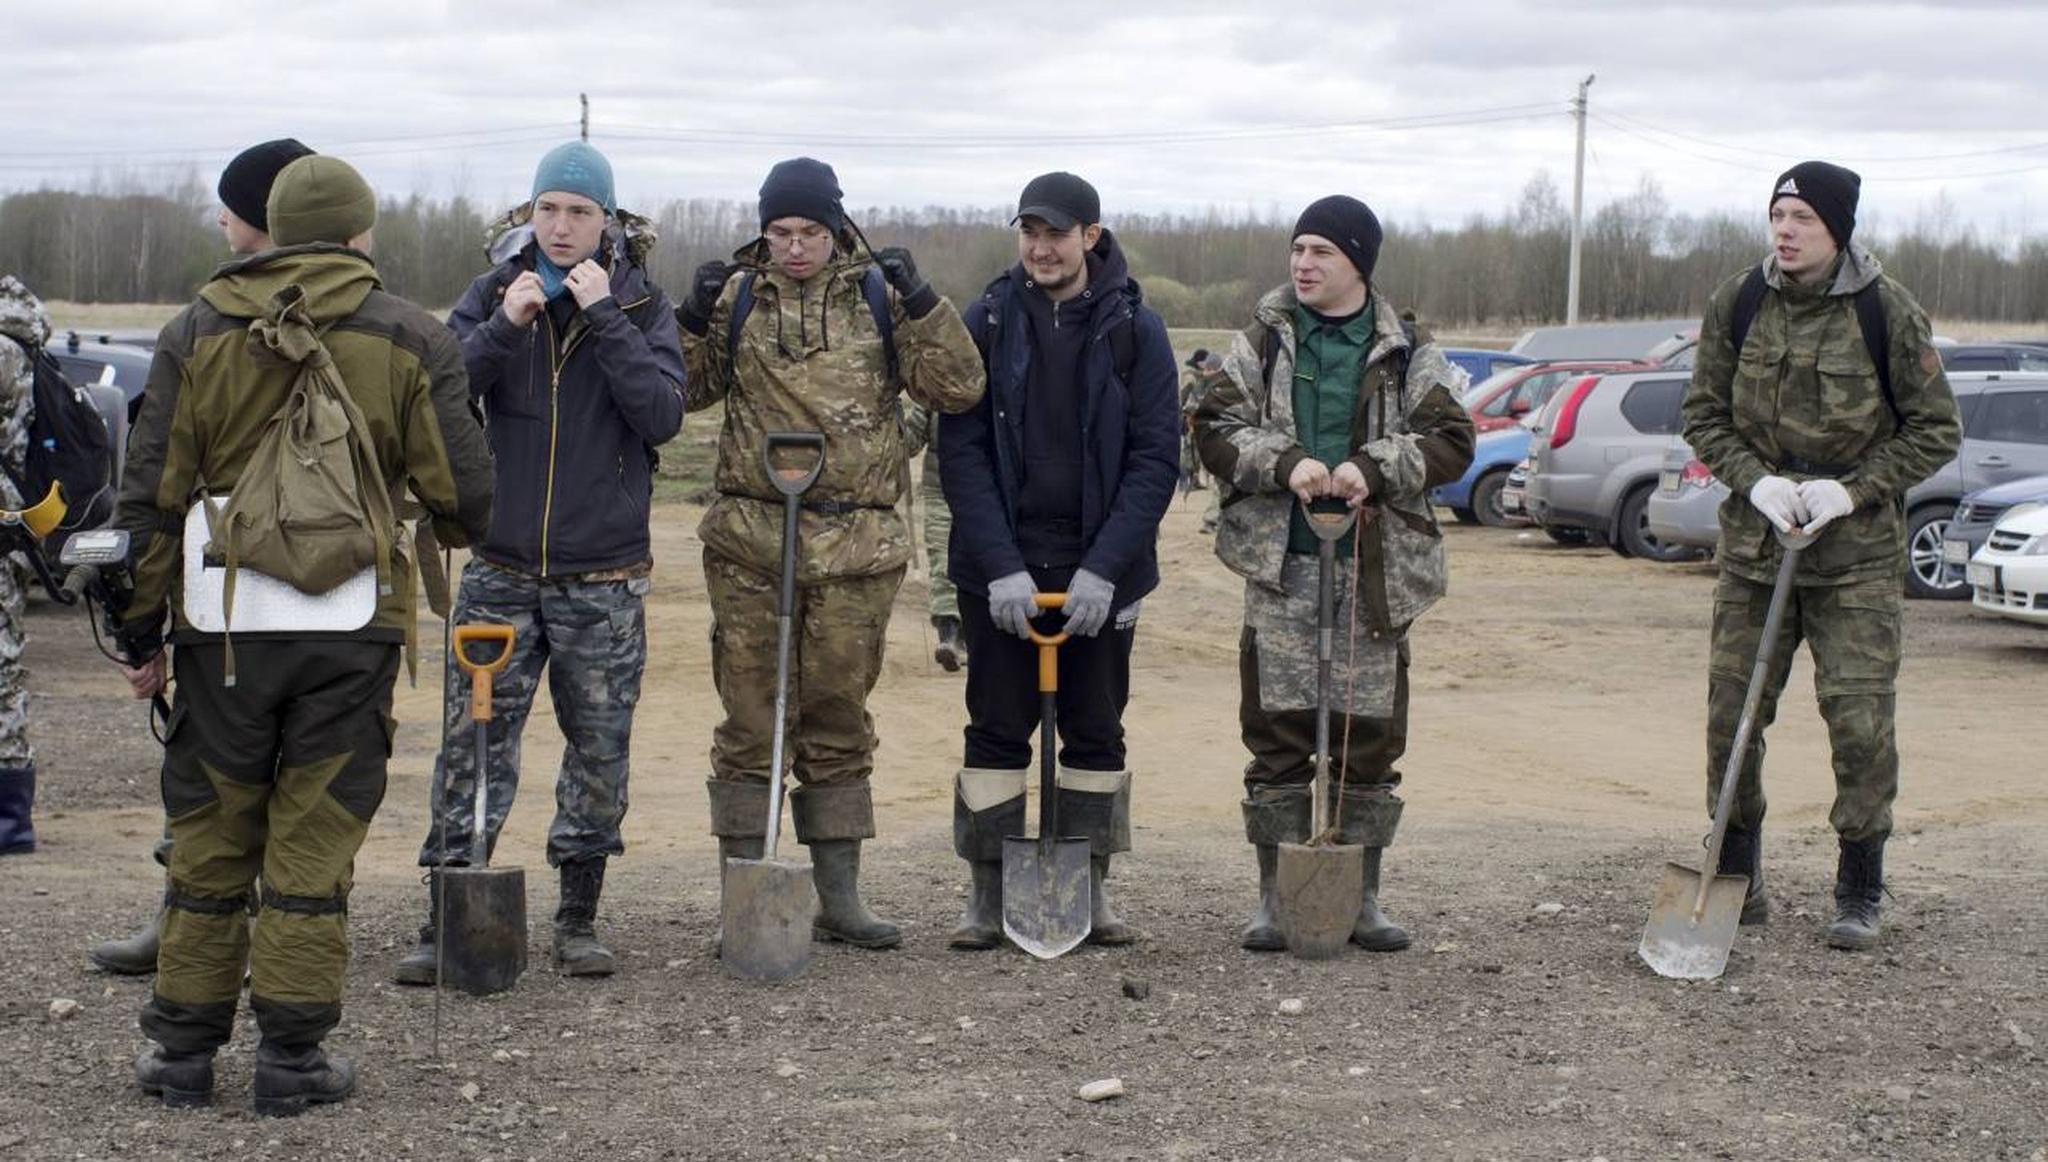 Участники экспедиции «Ржев. Калининский фронт» в Тверской области подняли останки 217 красноармейцев - новости Афанасий